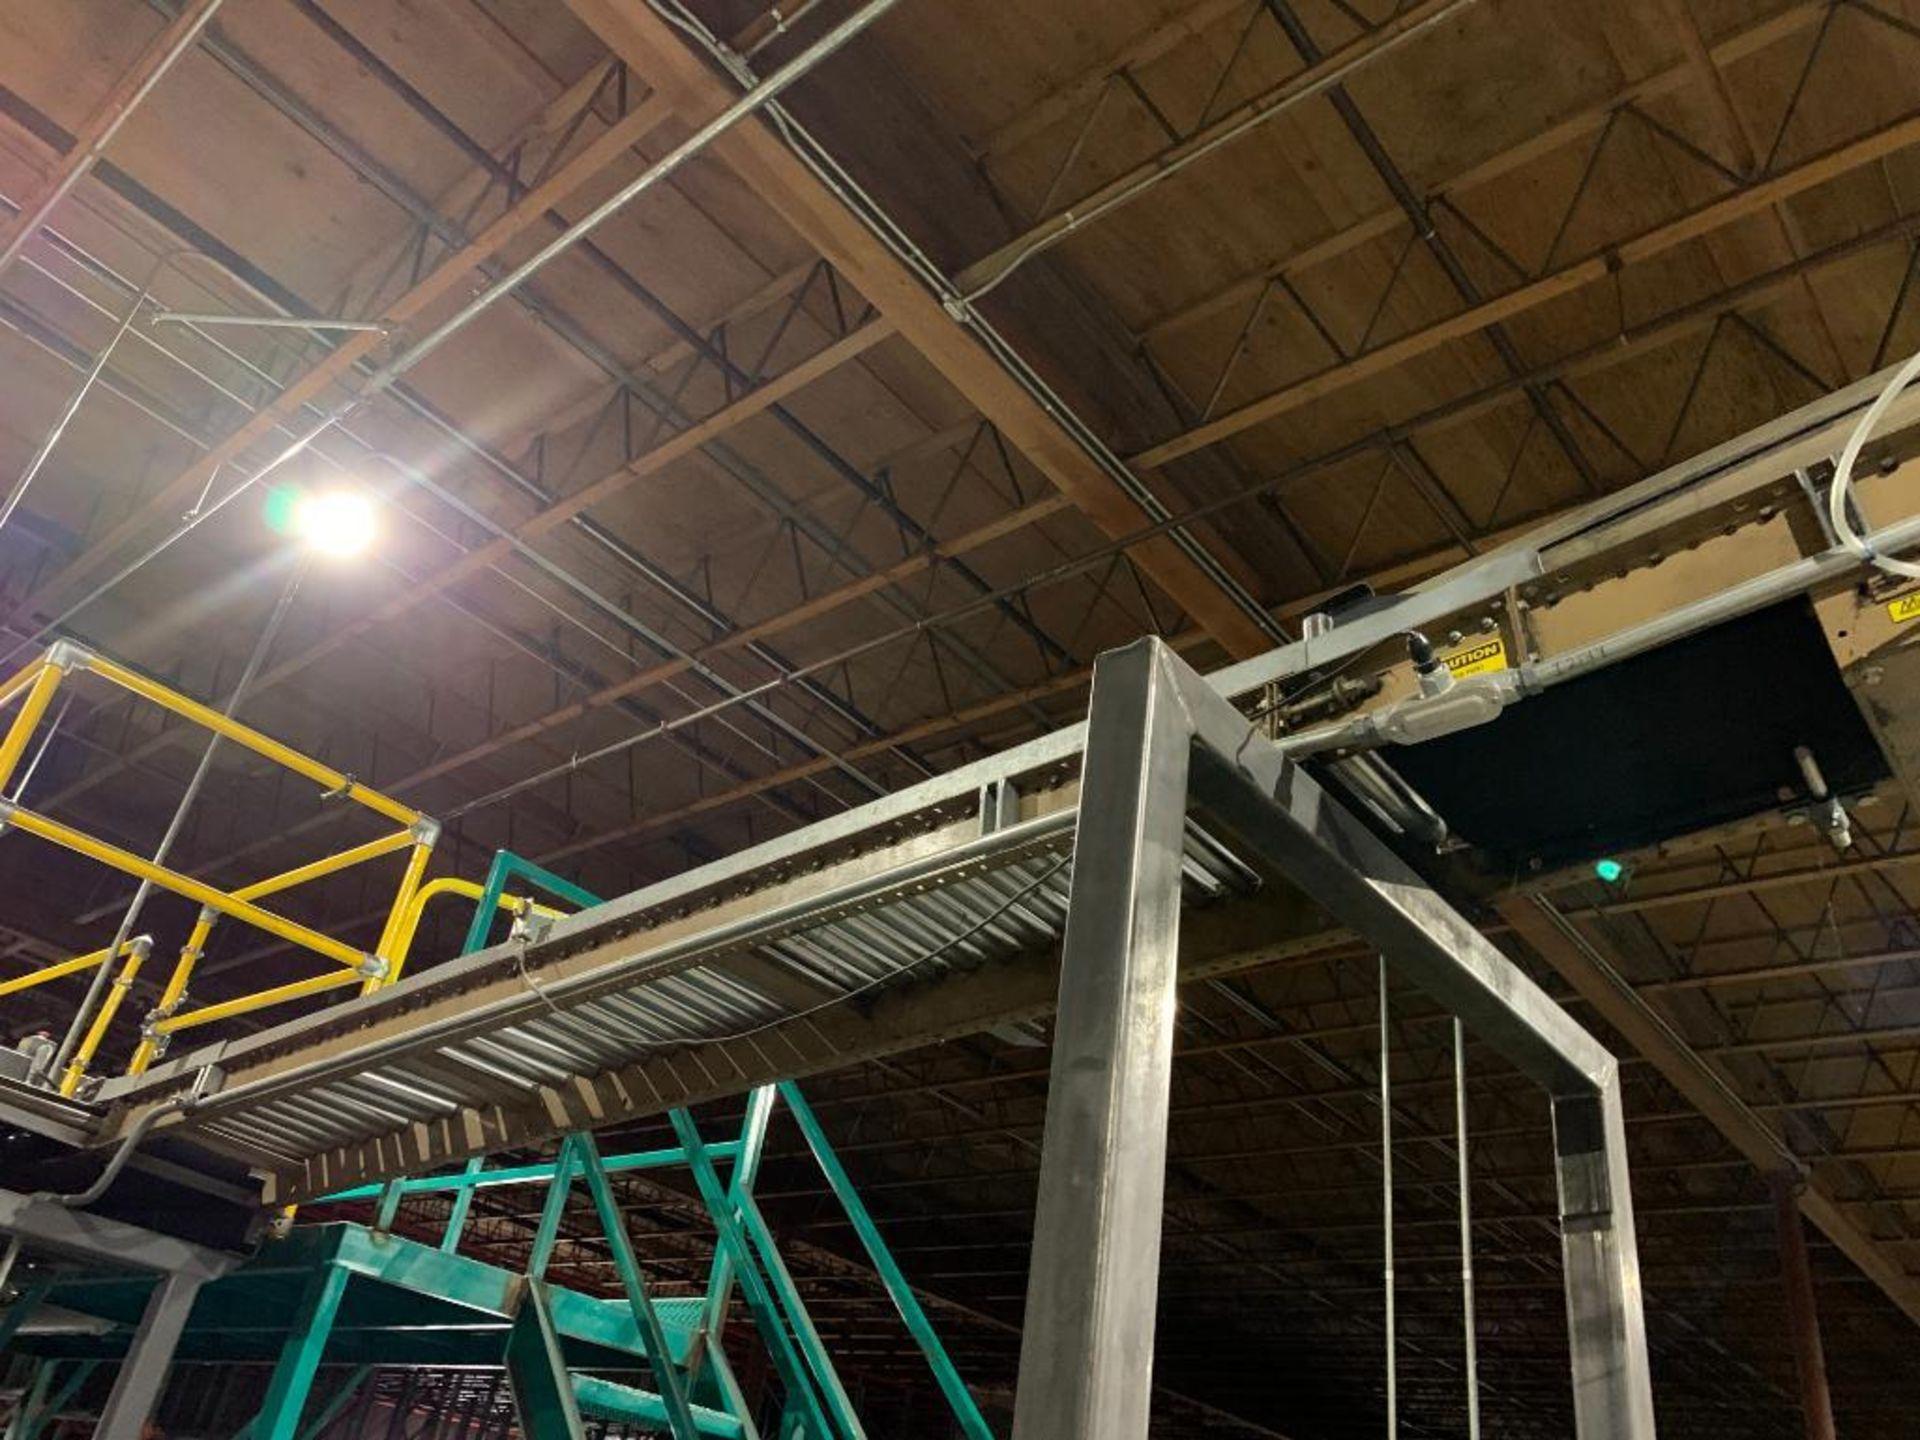 mild steel powered belt conveyor, decline - Image 14 of 14